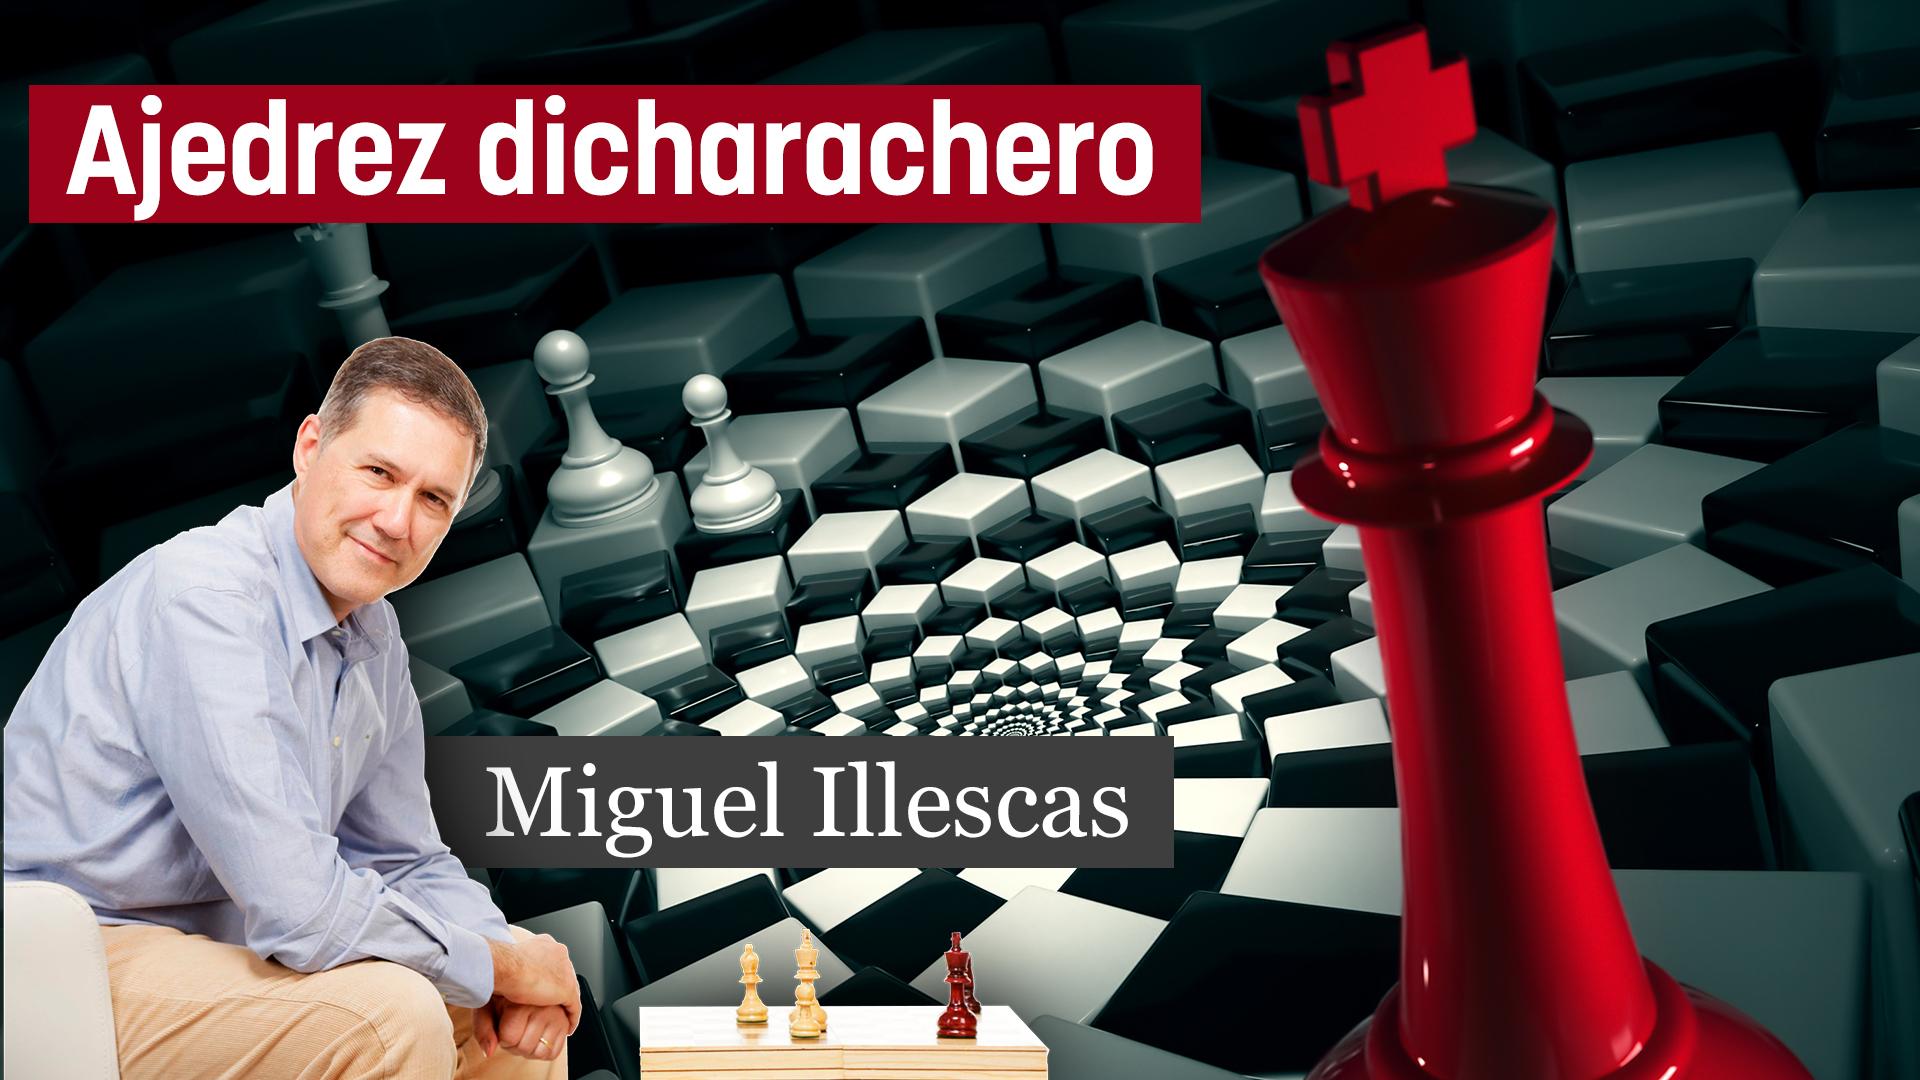 Ajedrez dicharachero #01 (GM Miguel Illescas)